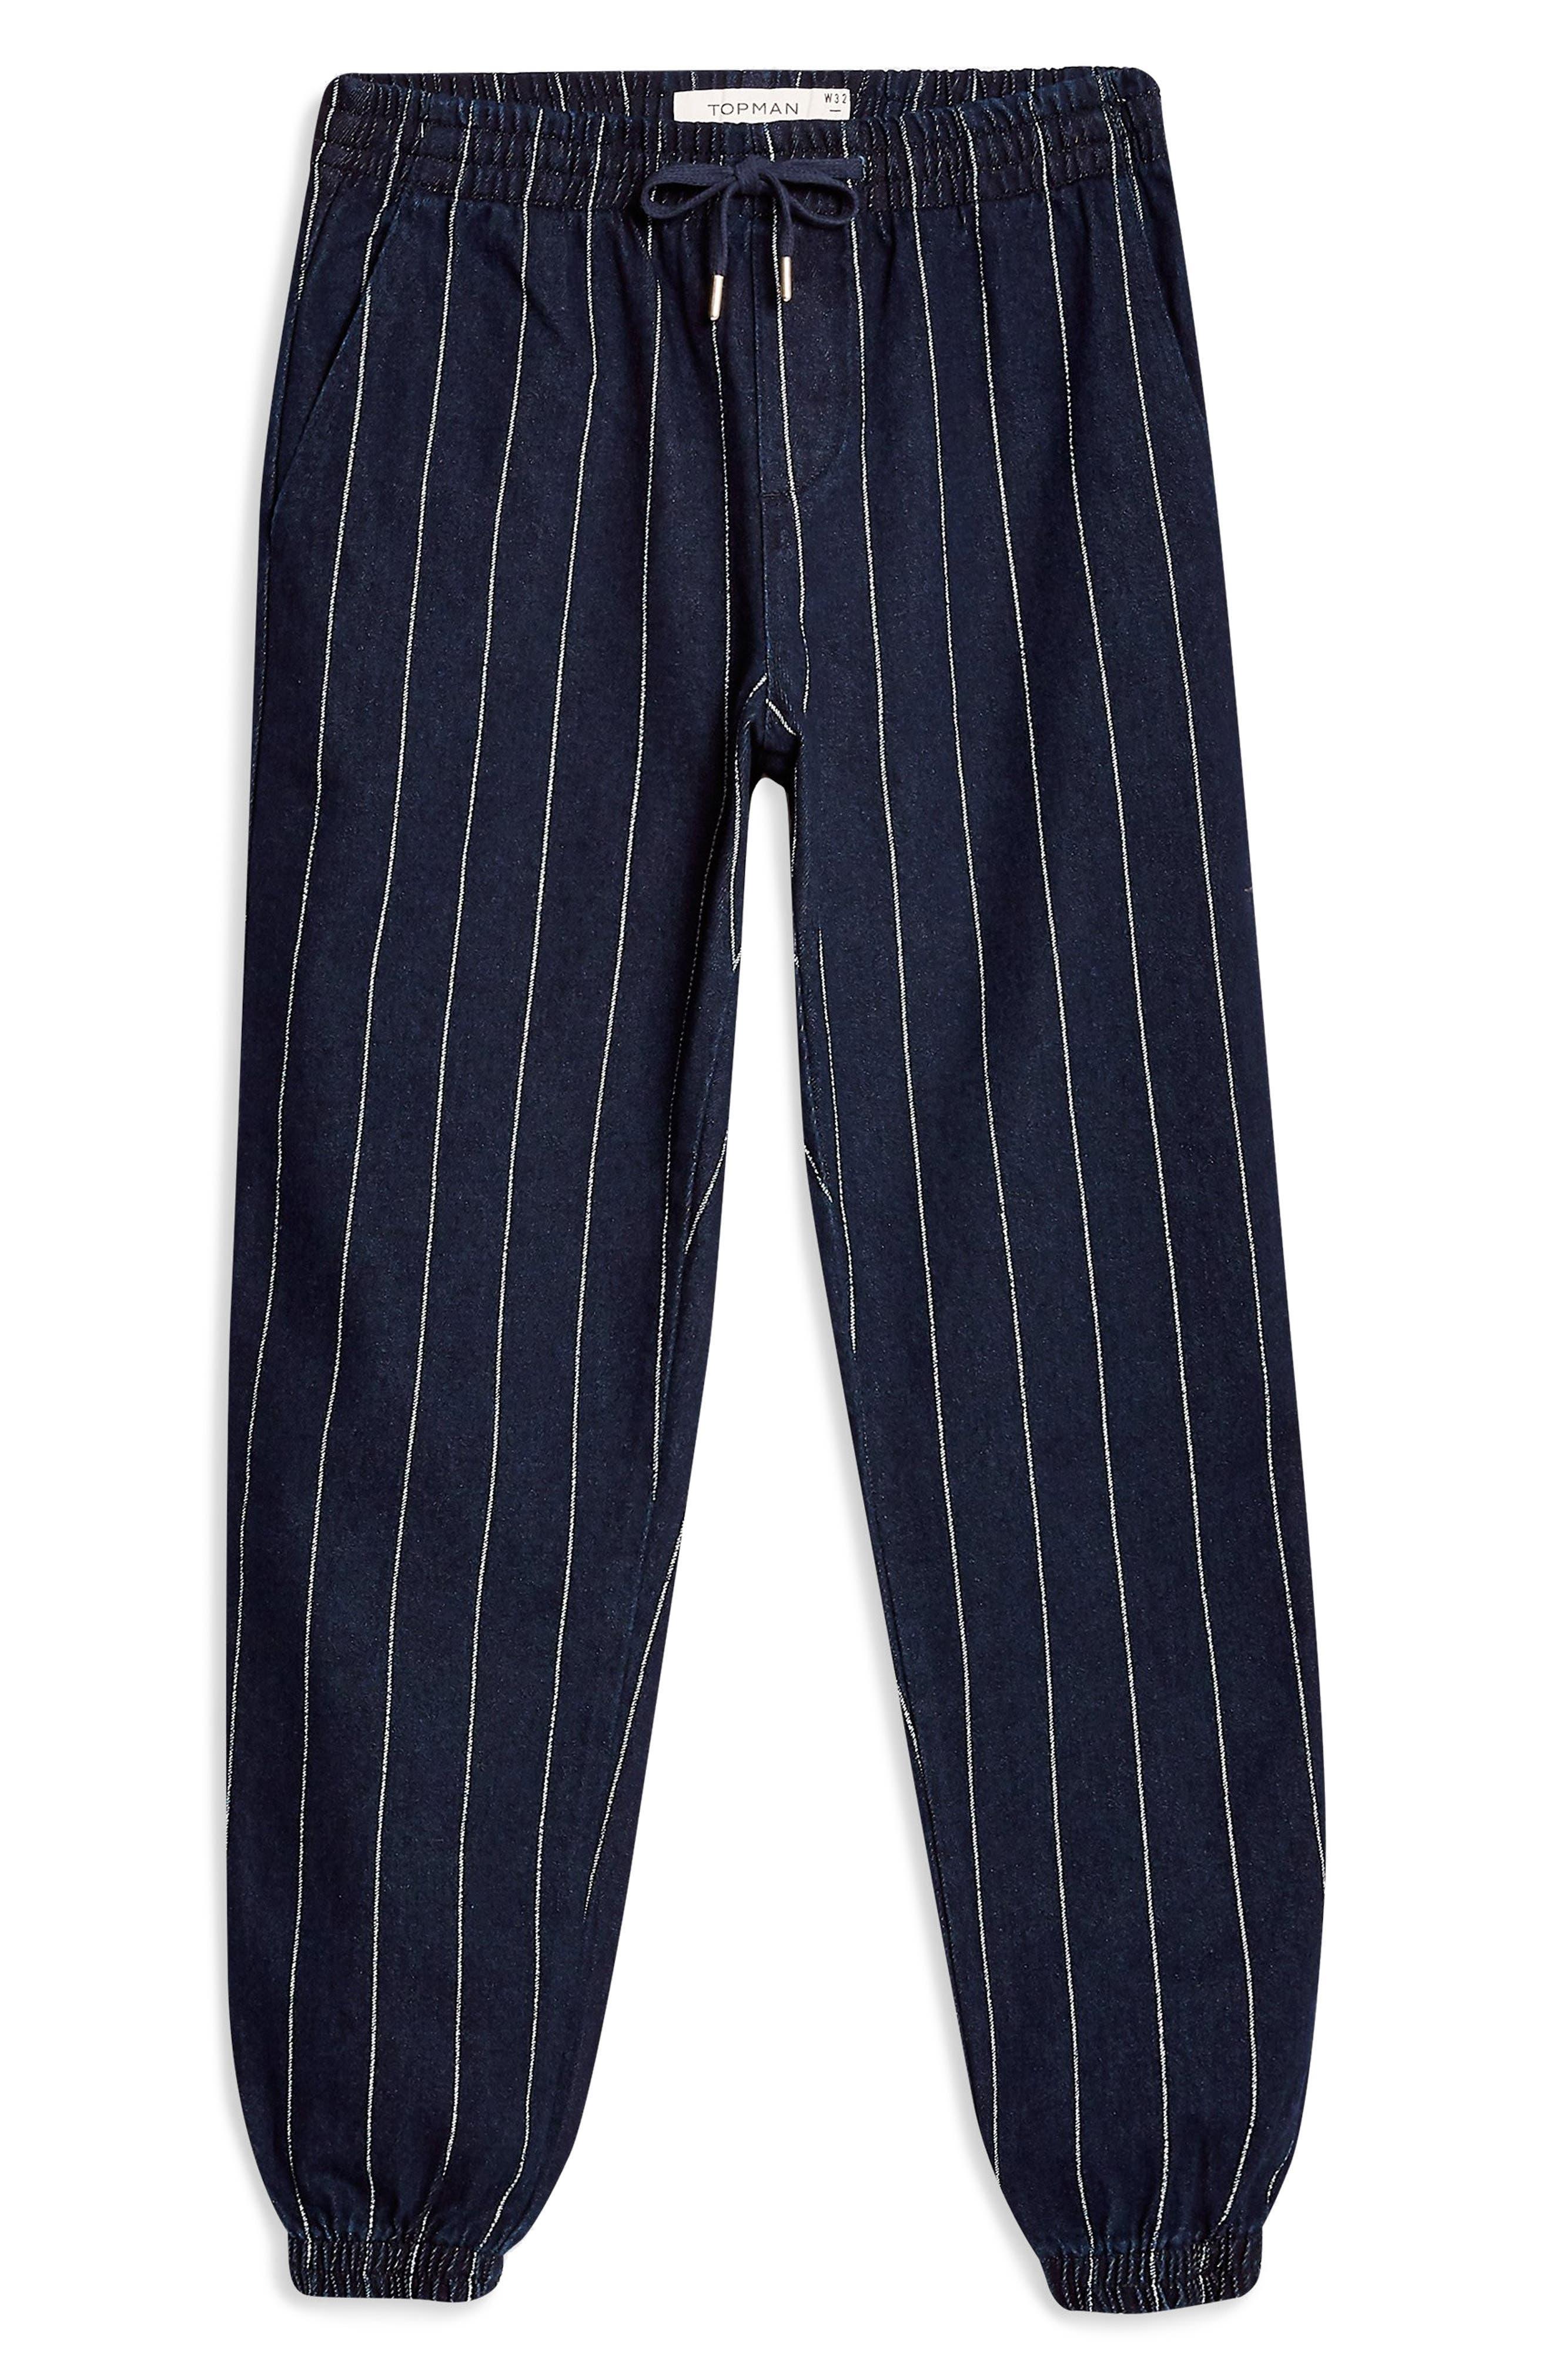 TOPMAN, Stripe Jogger Pants, Alternate thumbnail 3, color, DARK BLUE